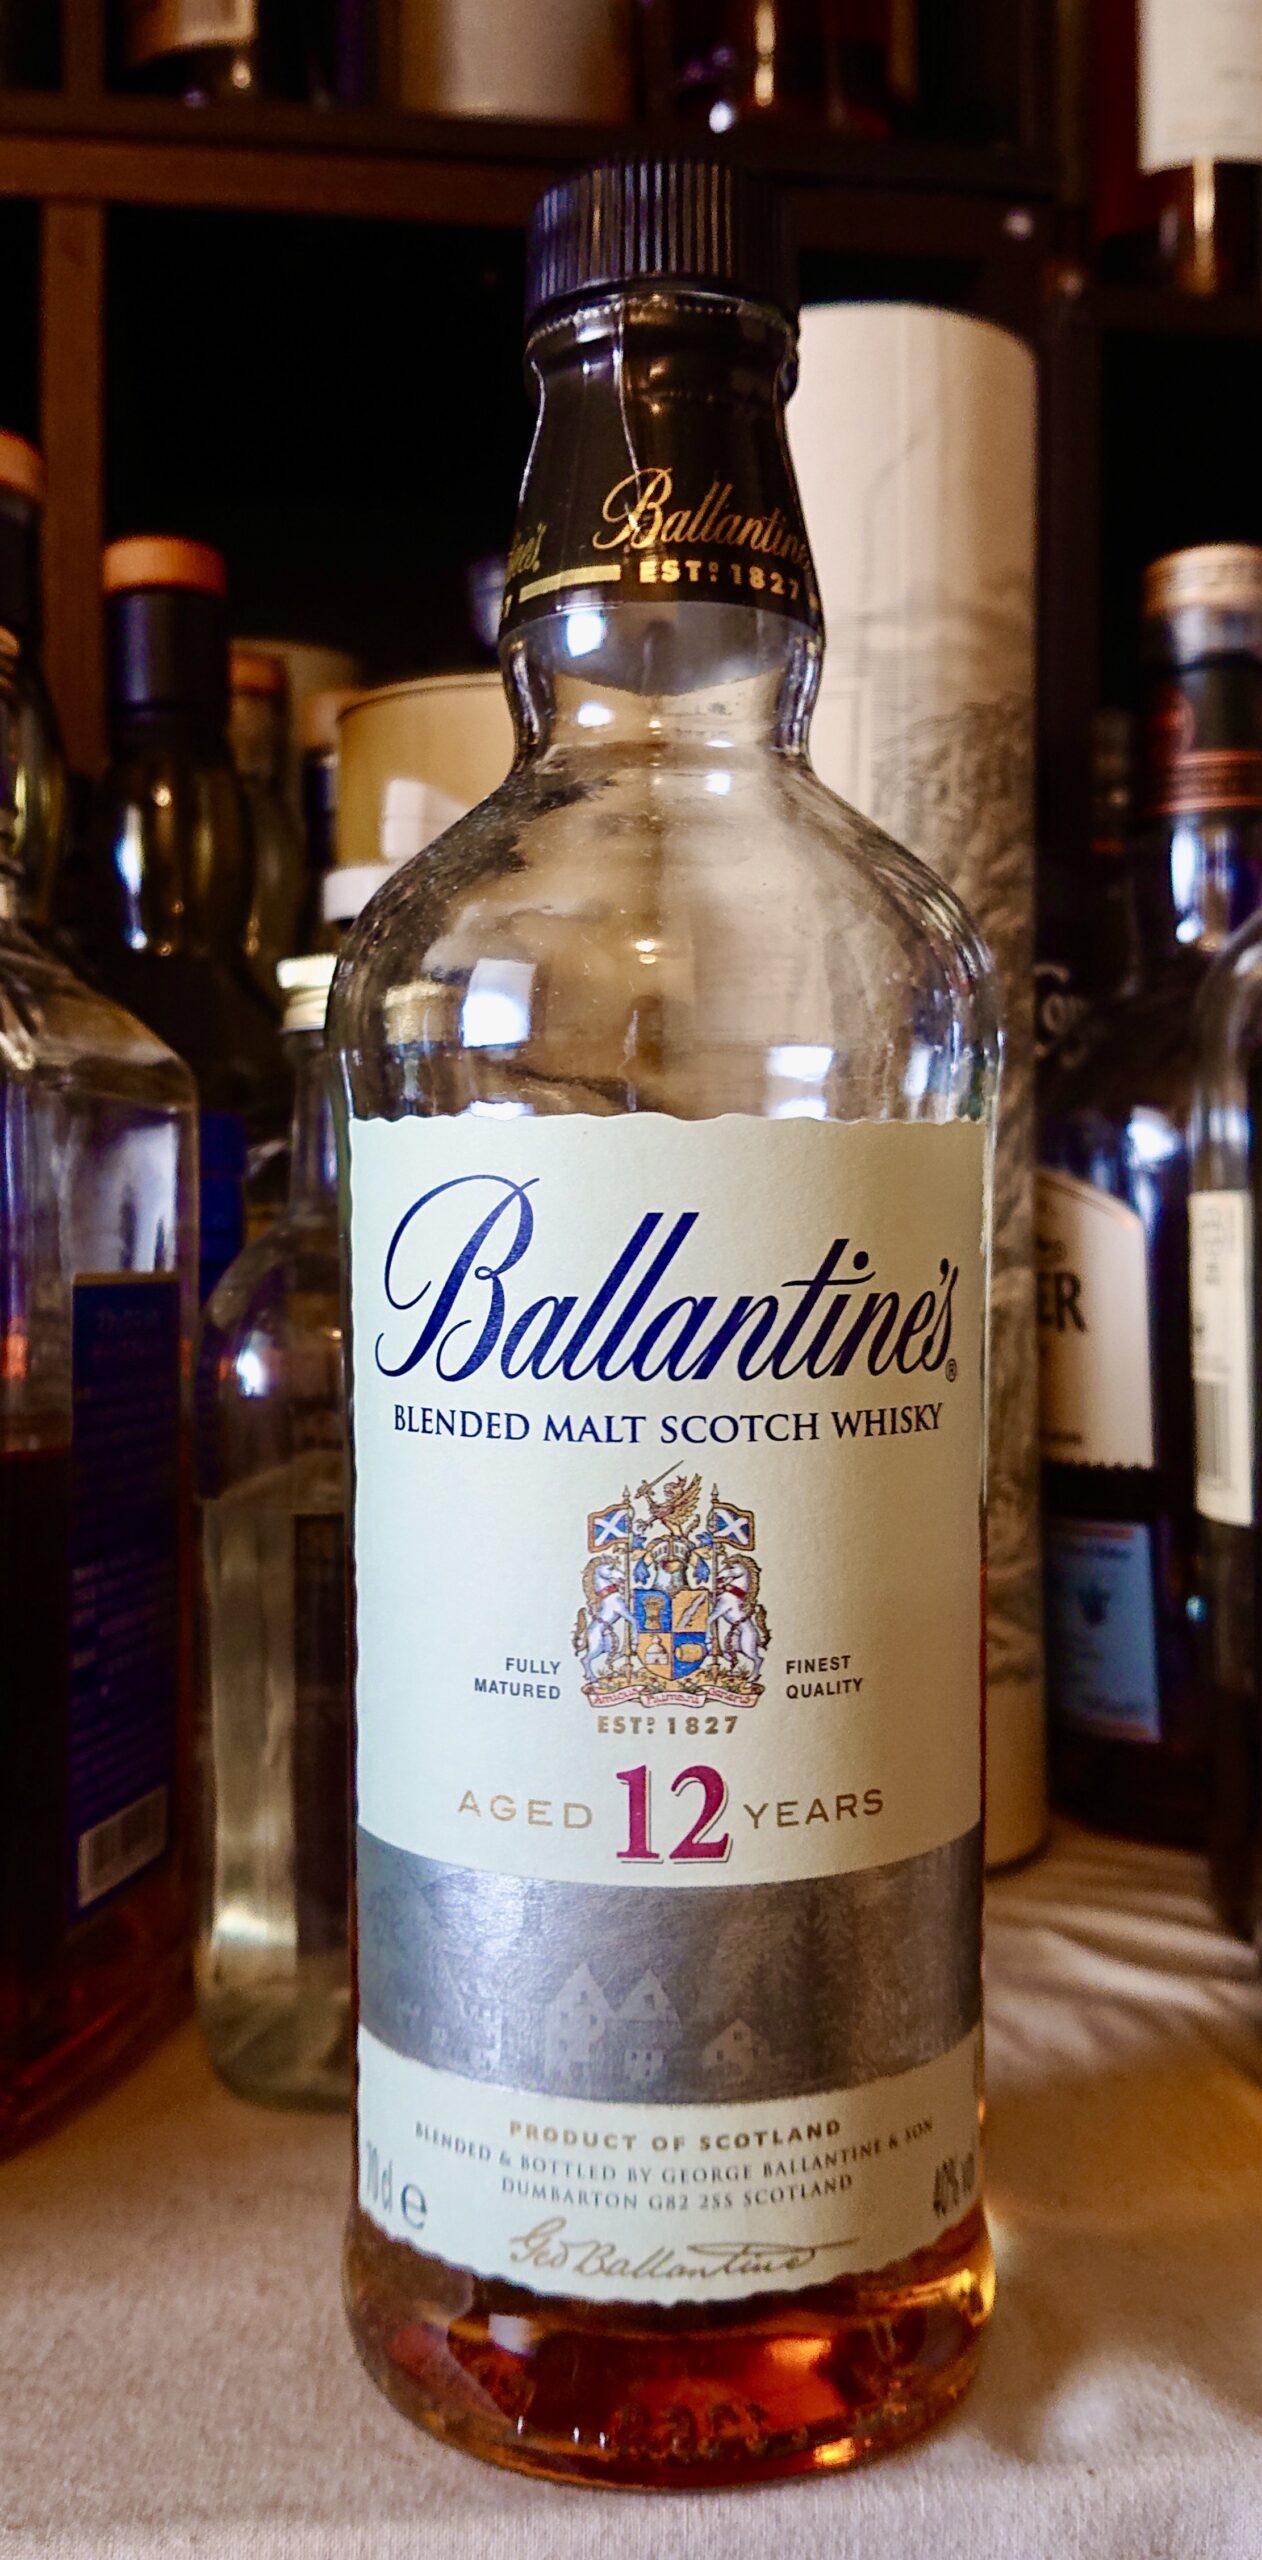 バランタイン ピュアモルト12年のテイスティング&レヴュー・モルト原酒のみのブレンドで作られたバランタイン12年!海と麦が一層ヴィヴィッドなオススメの一本!